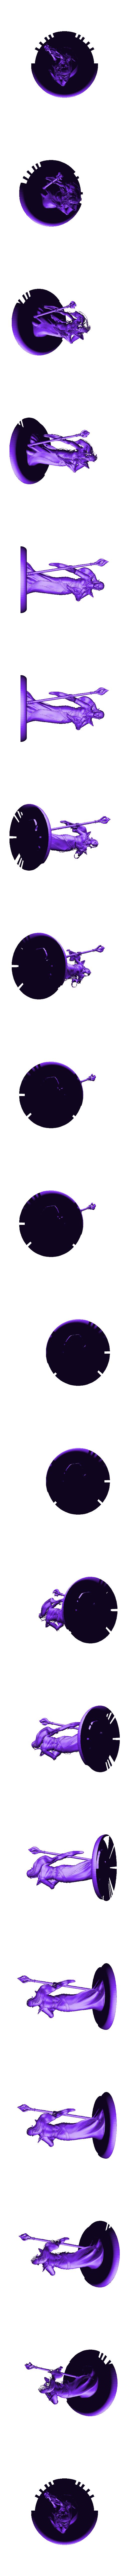 Elven_Sorceress_-_Simple_Base.stl Télécharger fichier STL gratuit Sorcière elfe - Miniature de table • Plan imprimable en 3D, M3DM